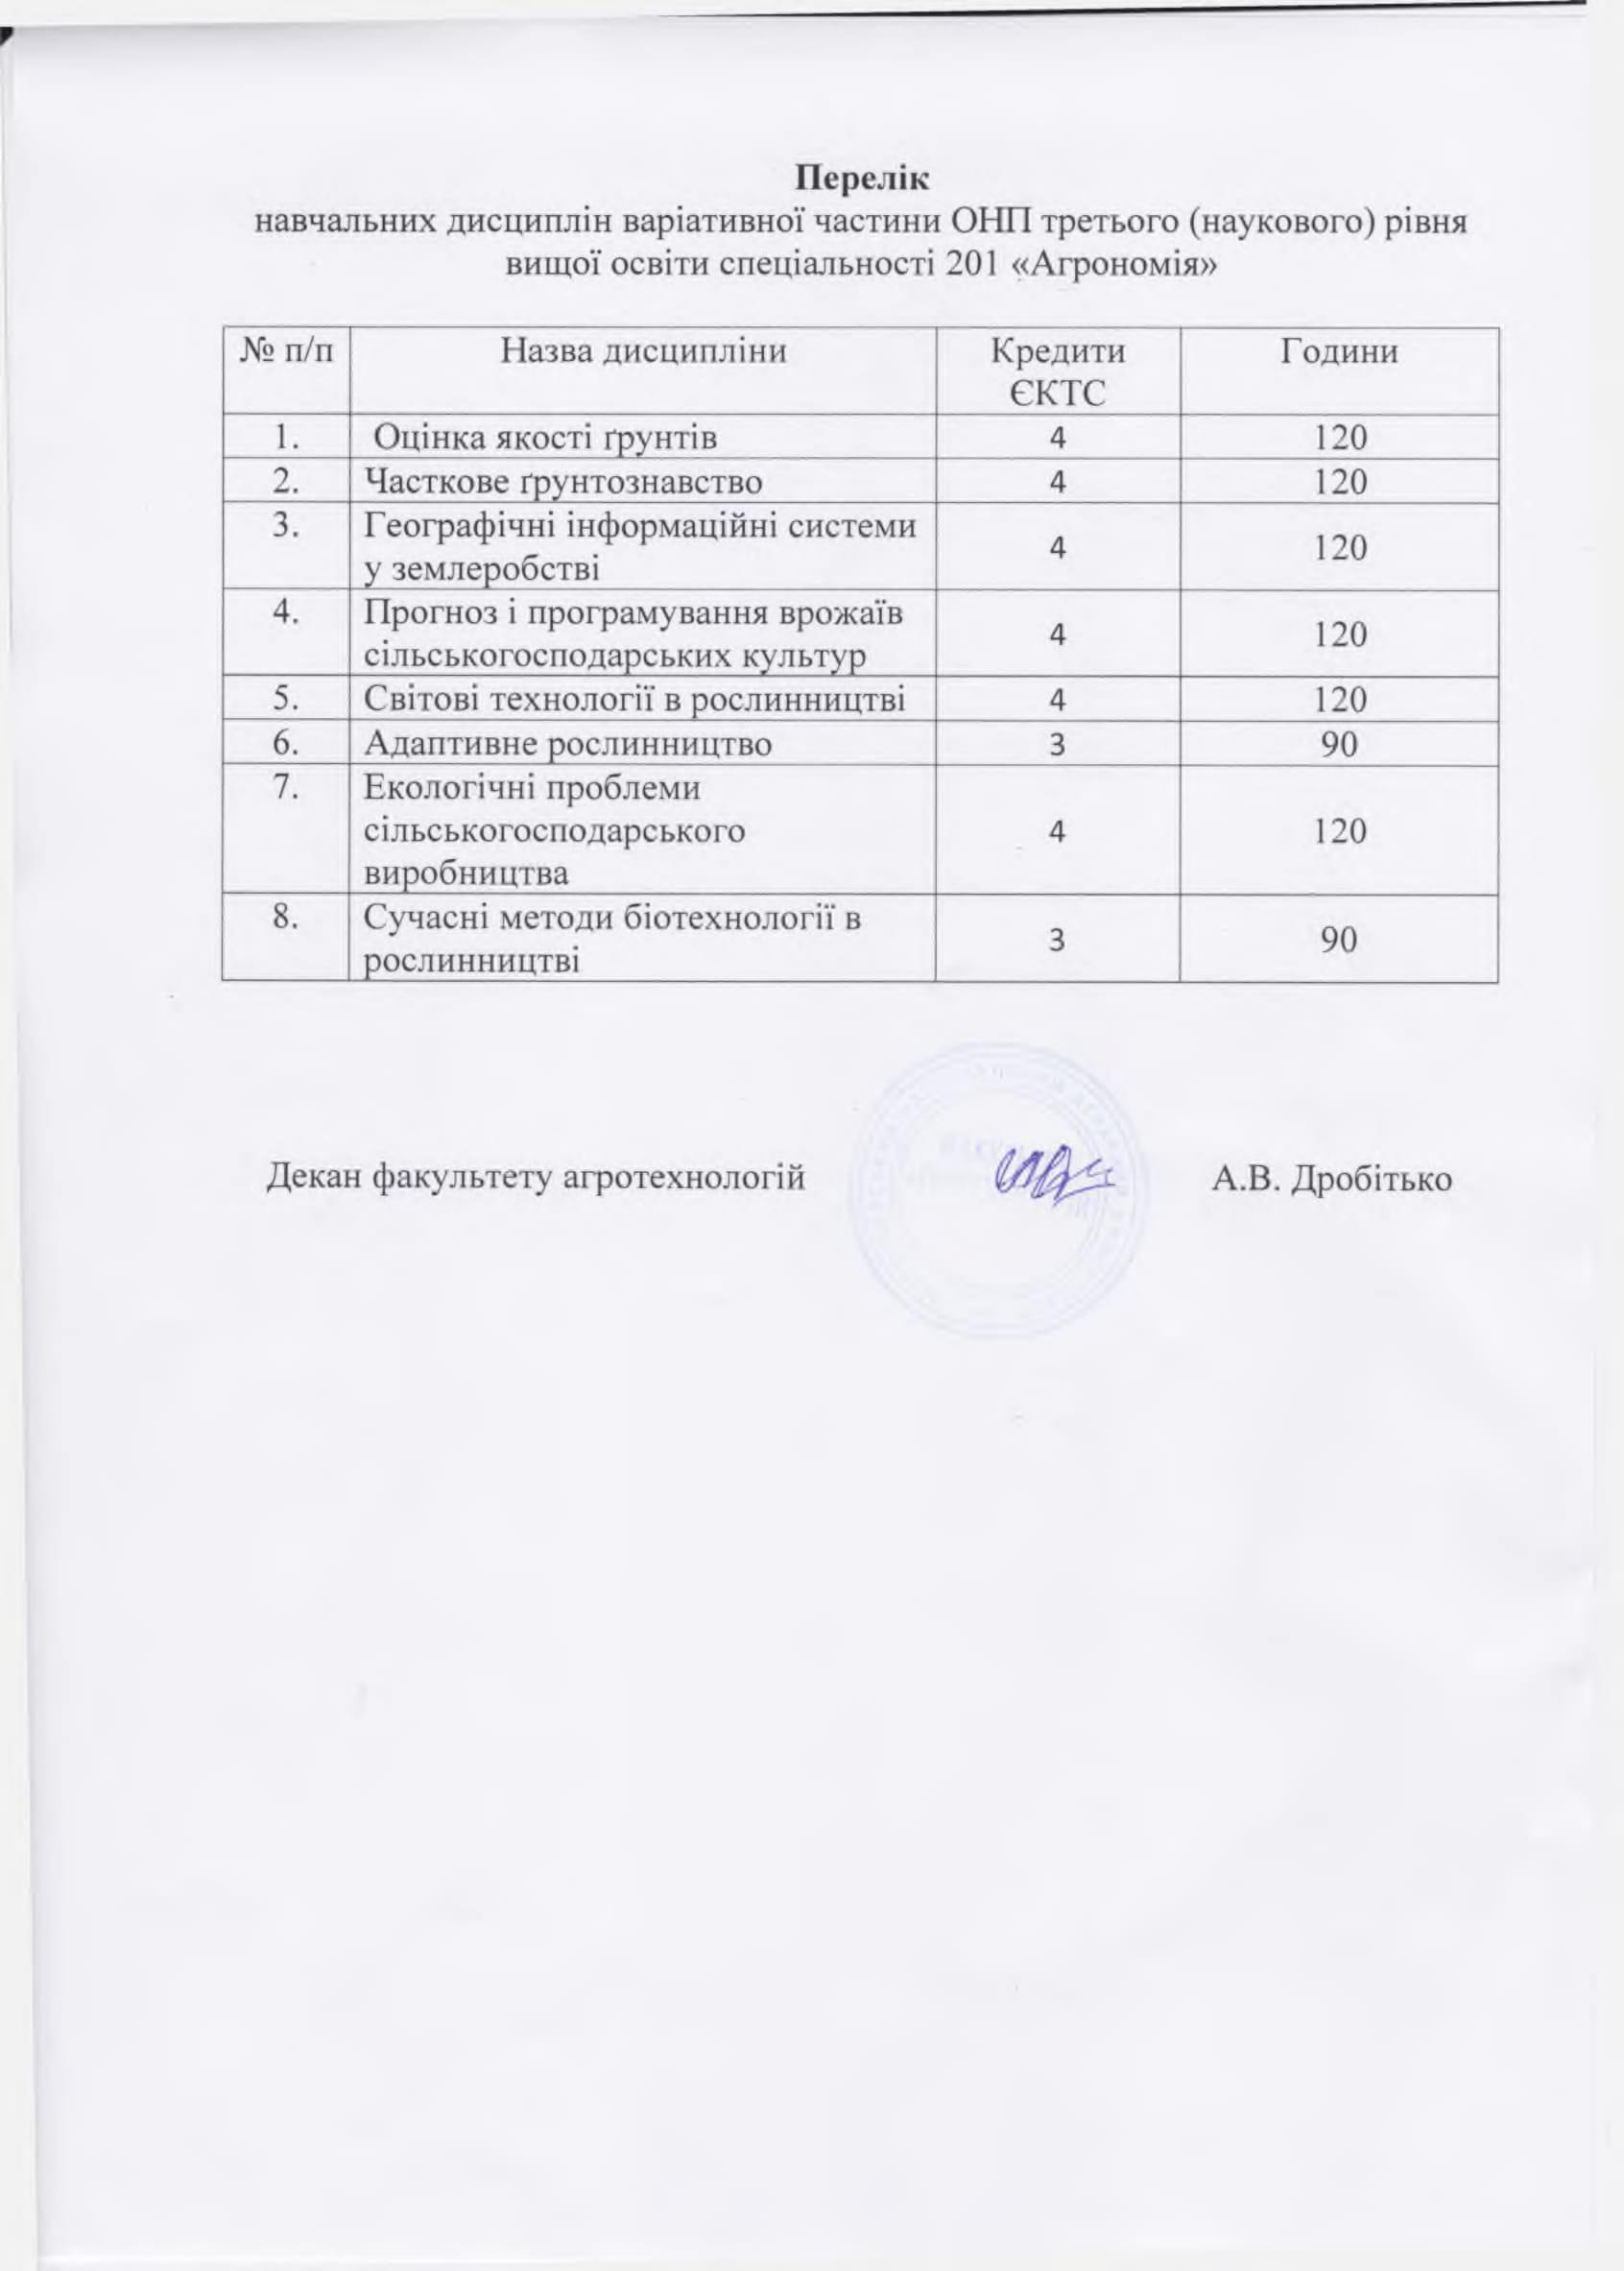 Третій (науковий) рівень вищої освіти спеціальності 201 «Агрономія»